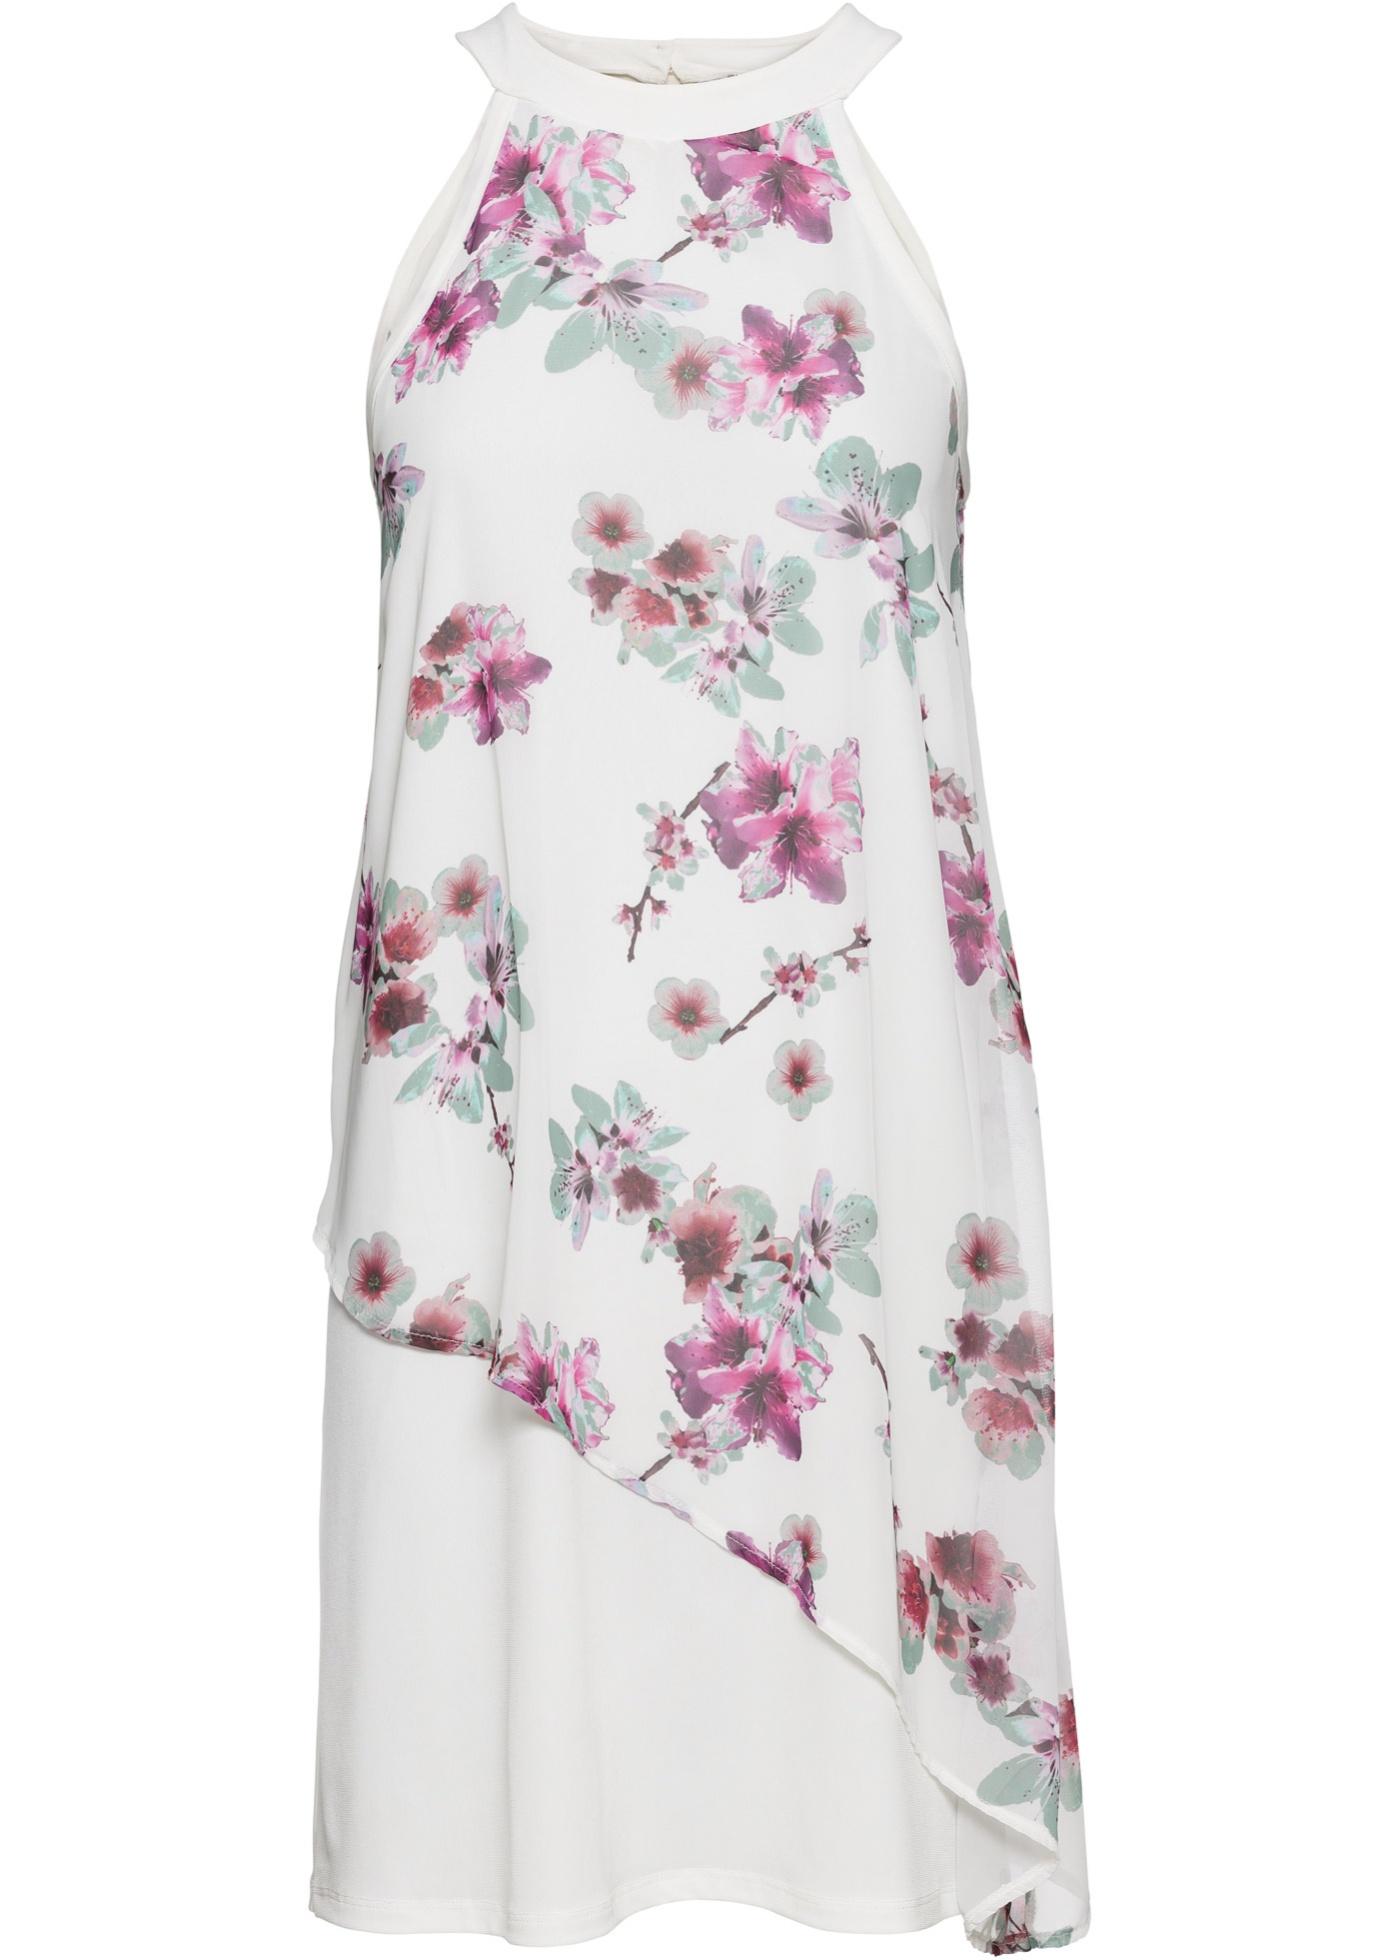 Bonprix SE - Helmönstrad klänning 179.00